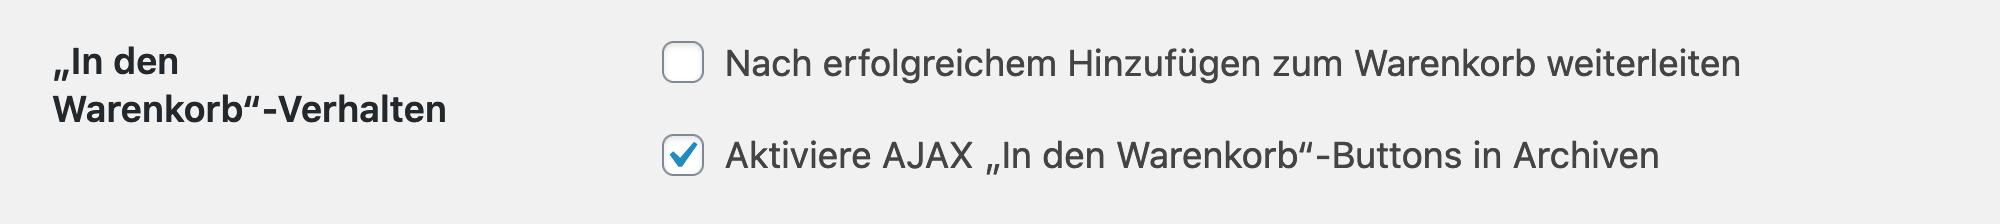 Screenshot WooCommerce AJAX-Einstellung